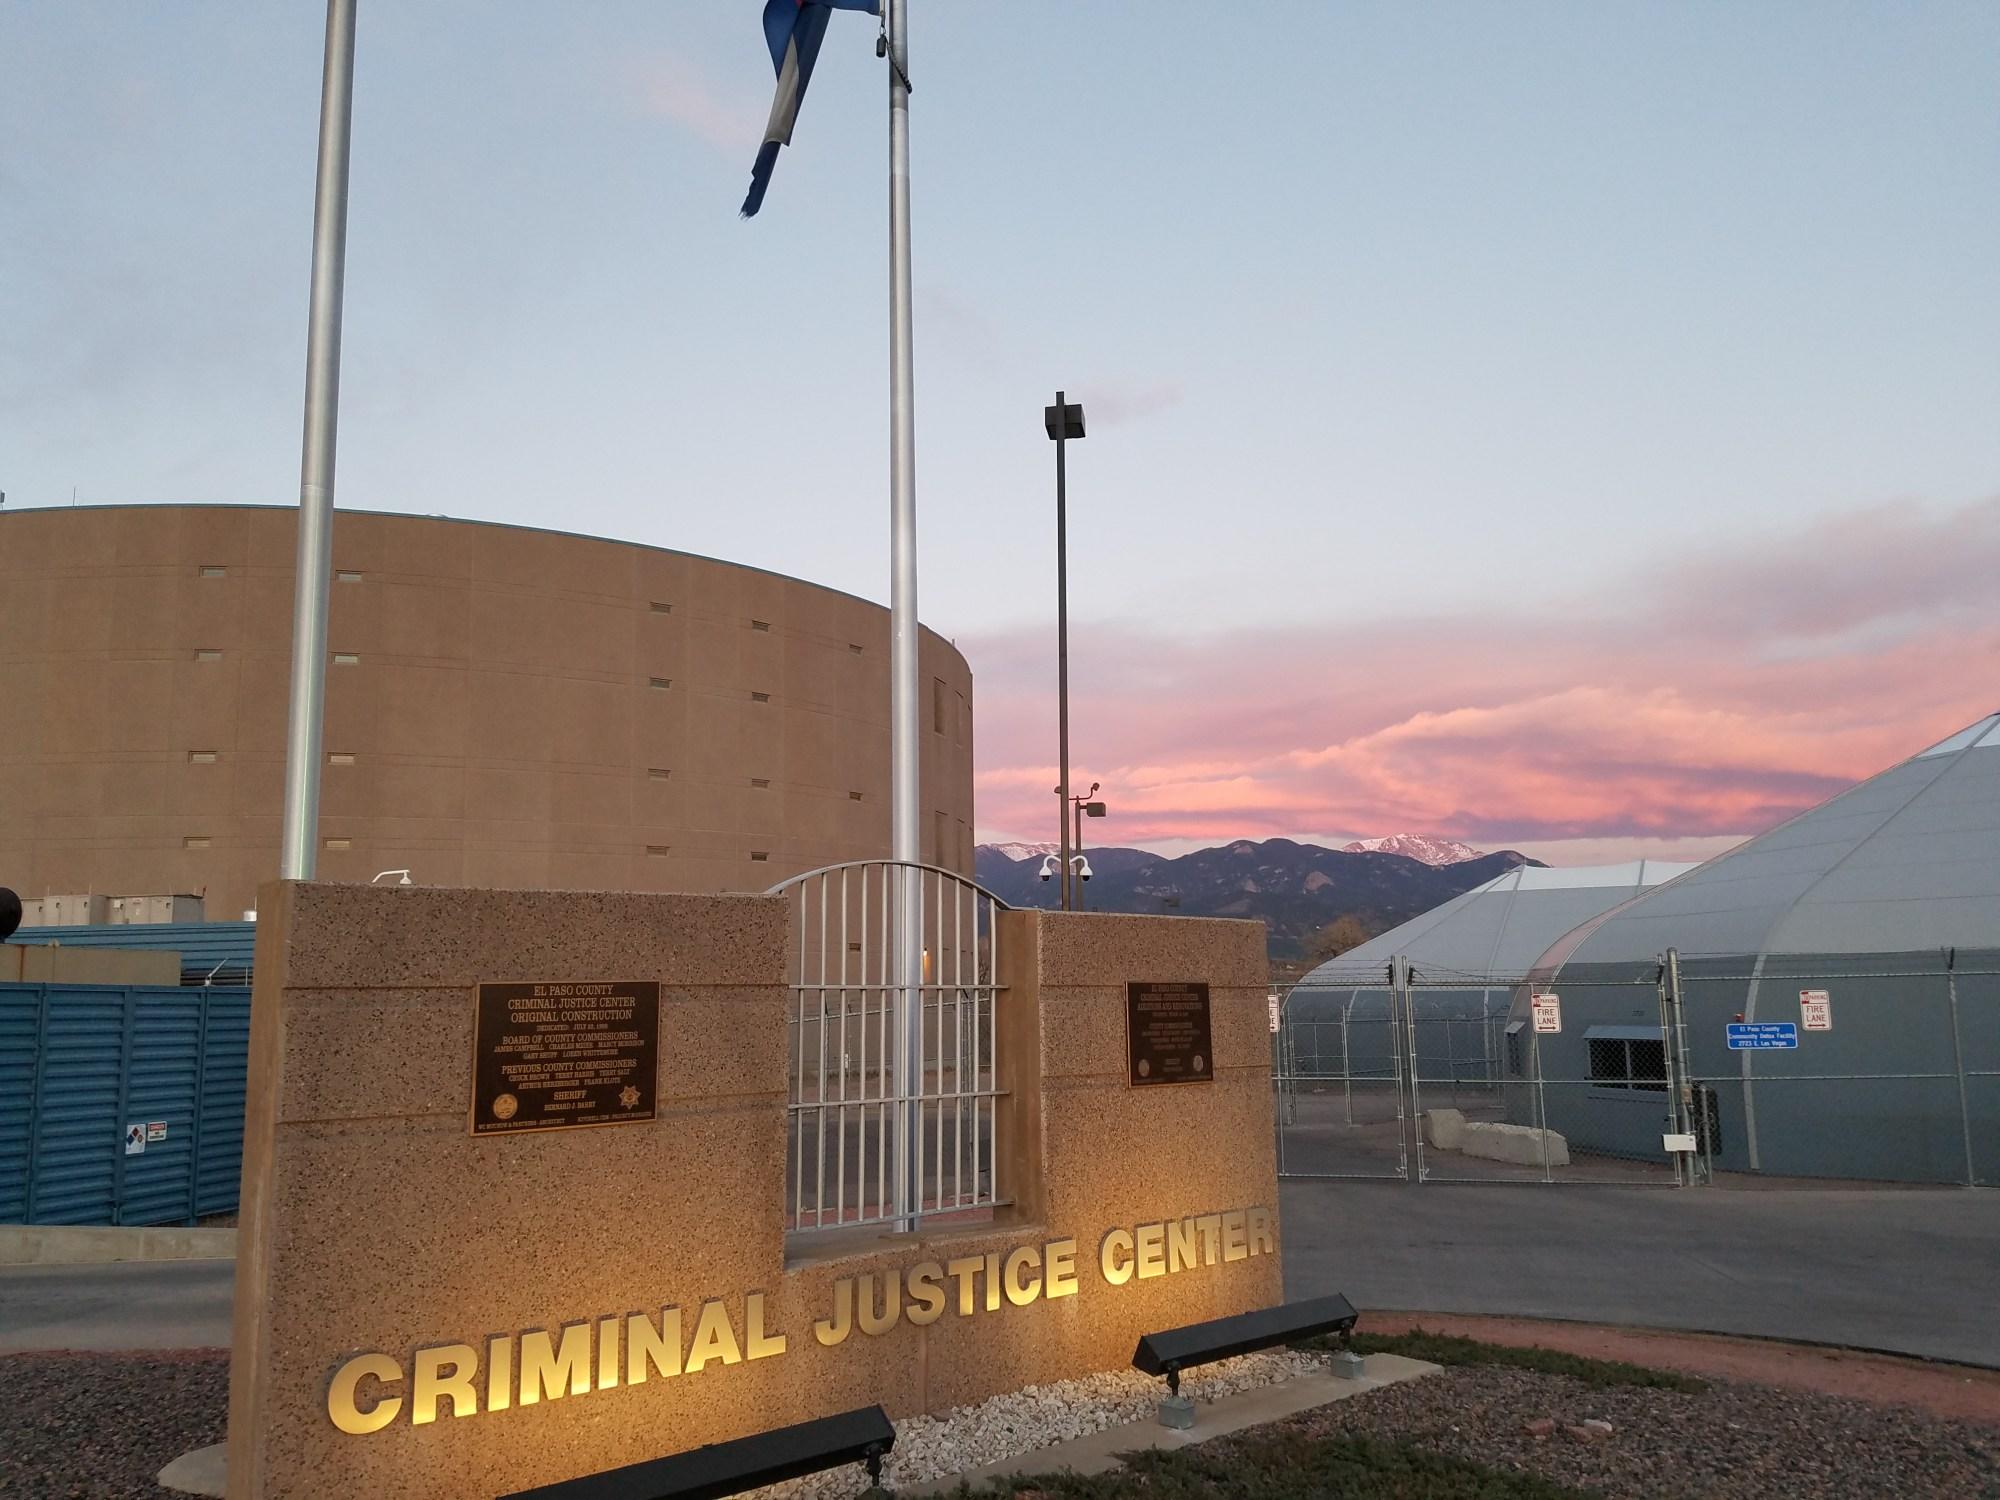 criminal justice center - el paso county jaily